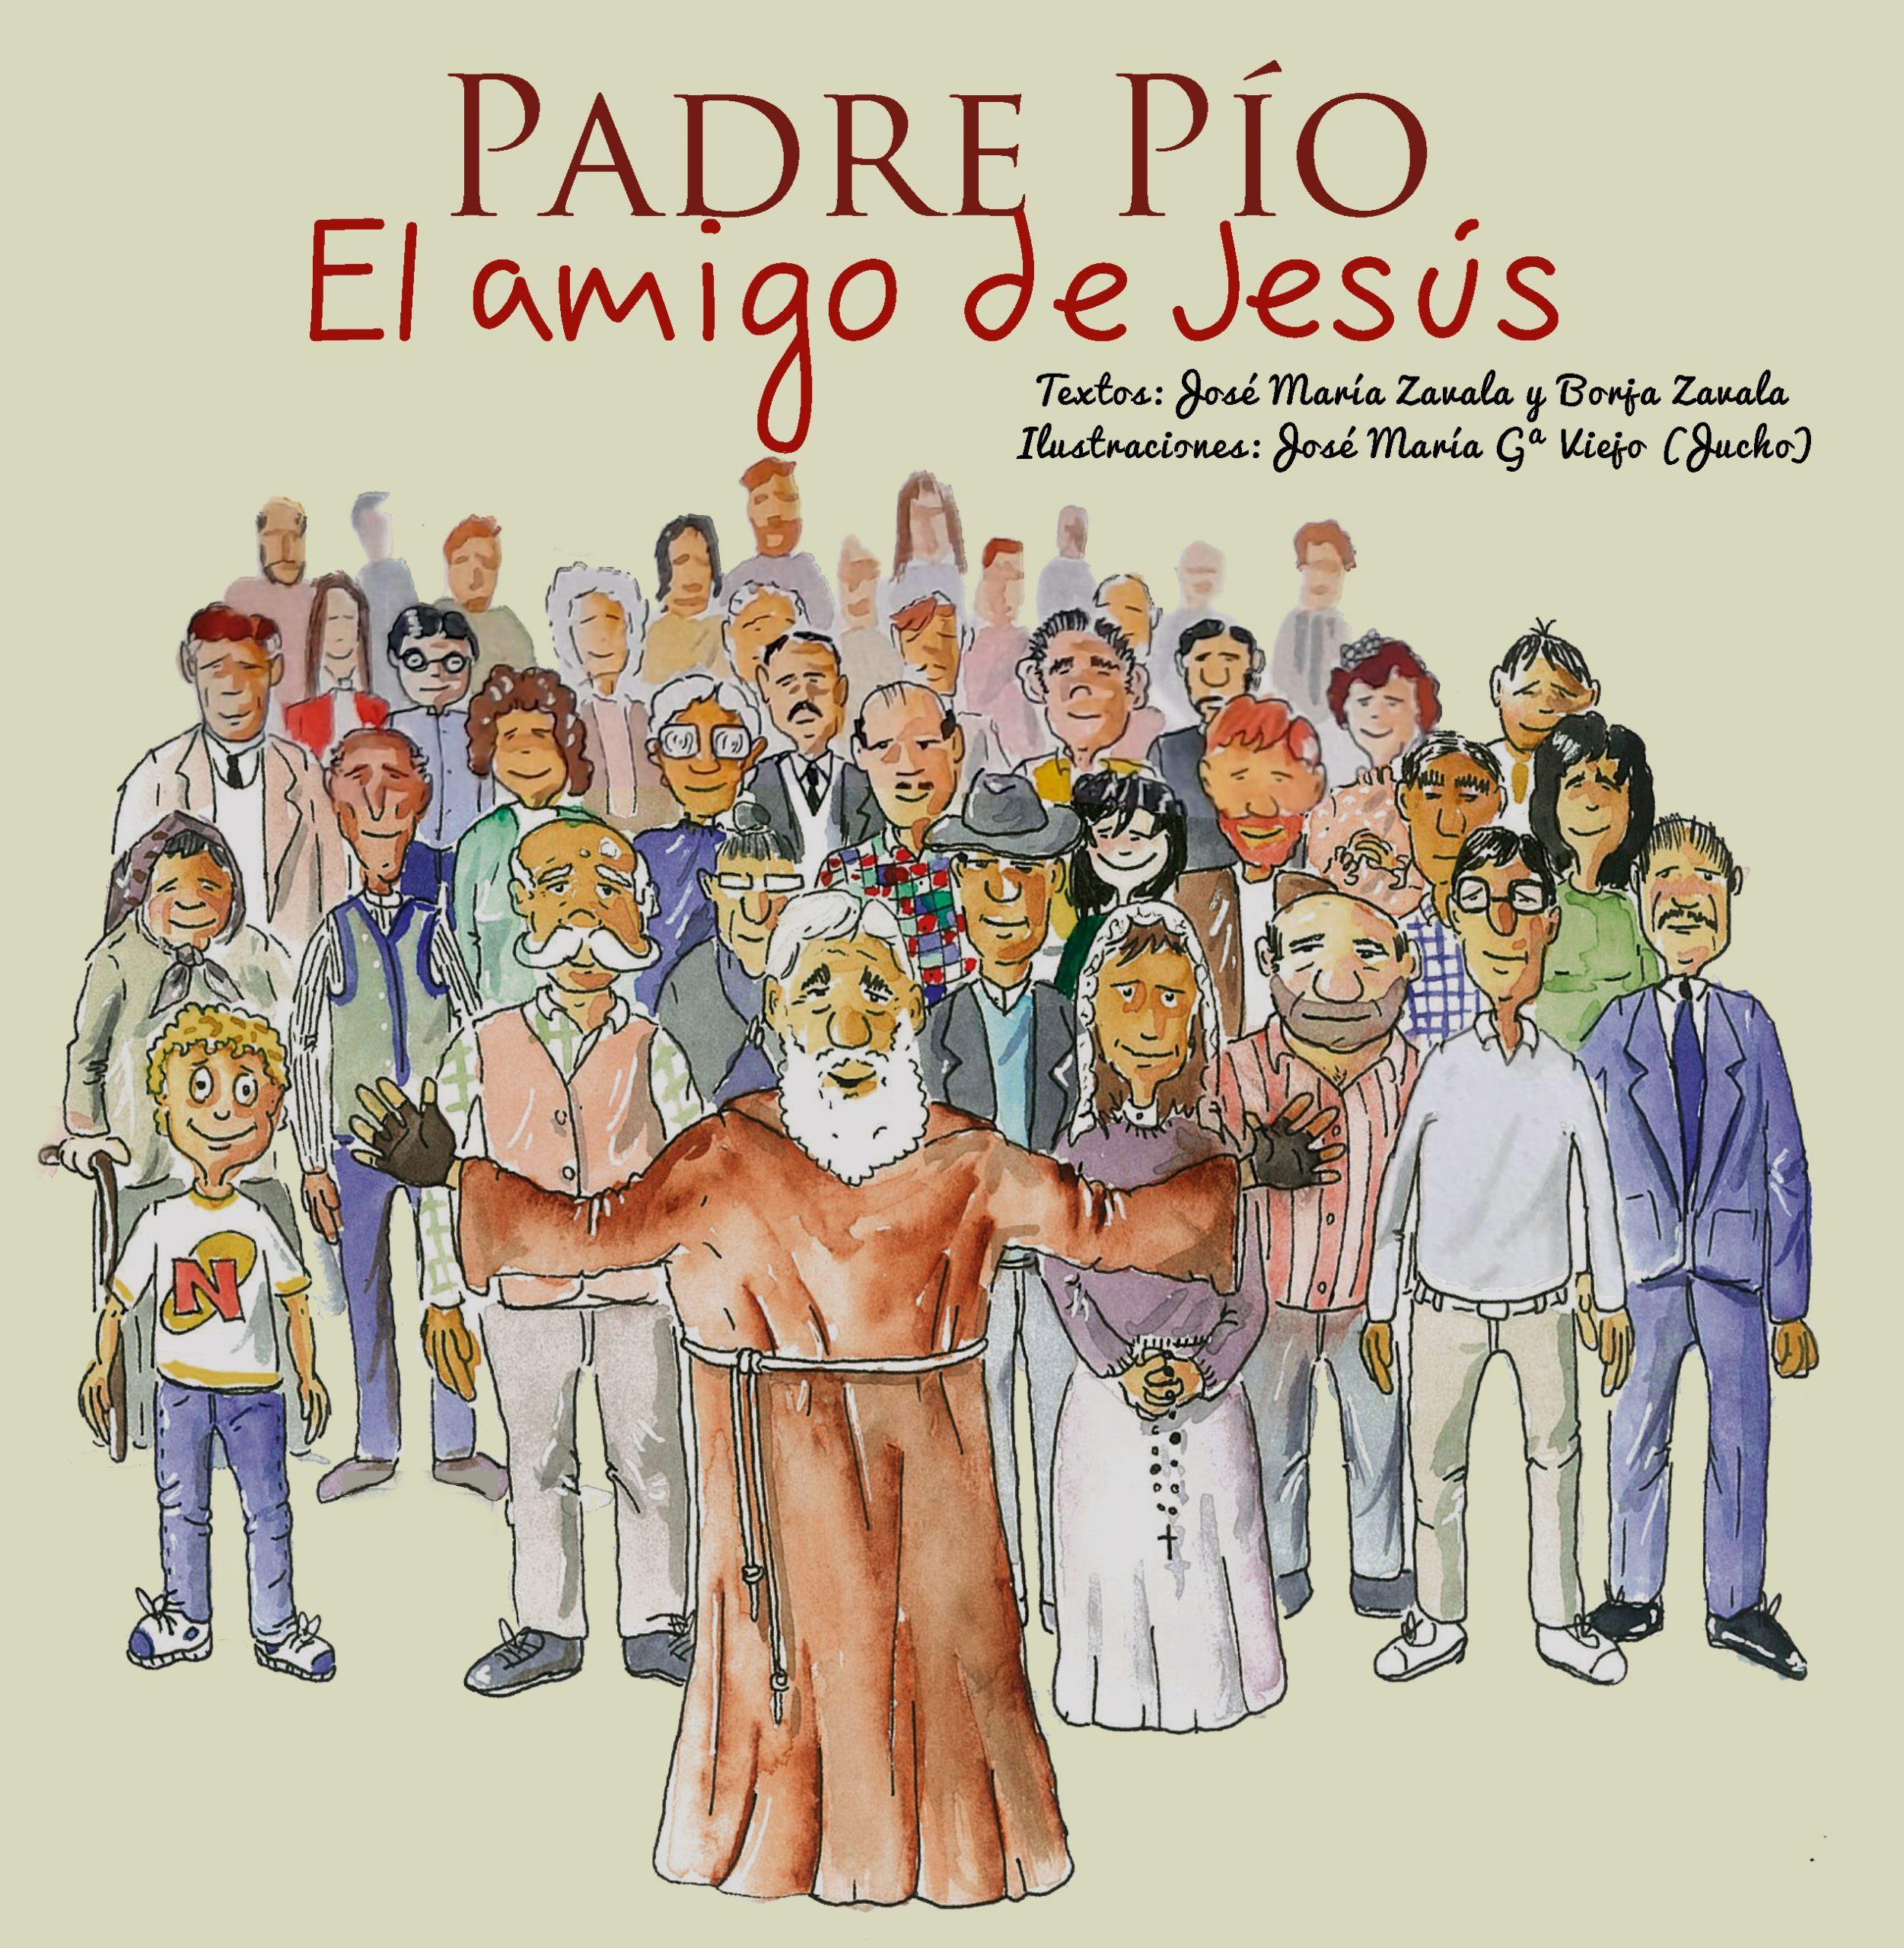 Padre Pío – El amigo de Jesús de José María Zavala